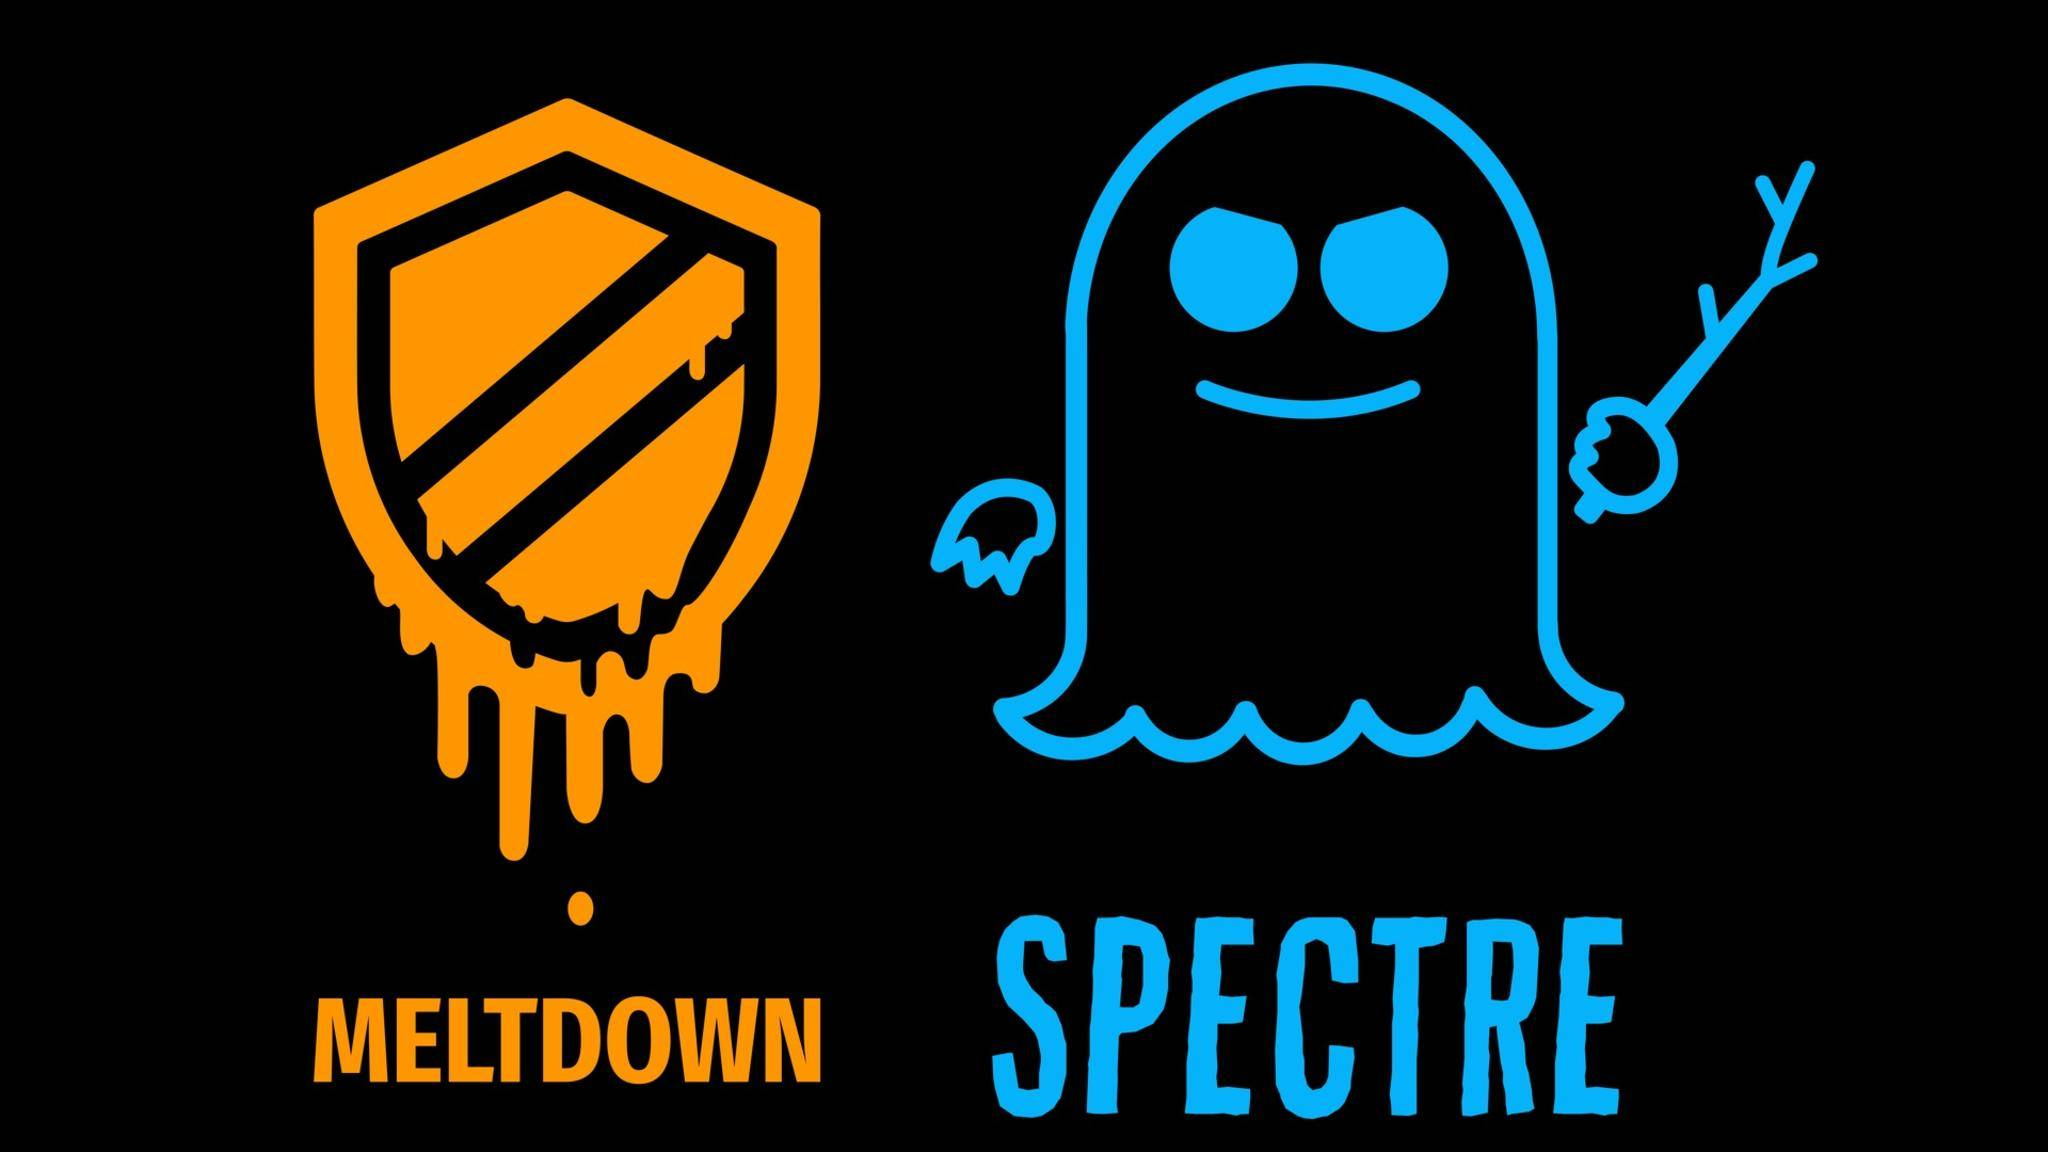 Metdown und Spectre sind kritische Sicherheitslücken in modernen Prozessoren.